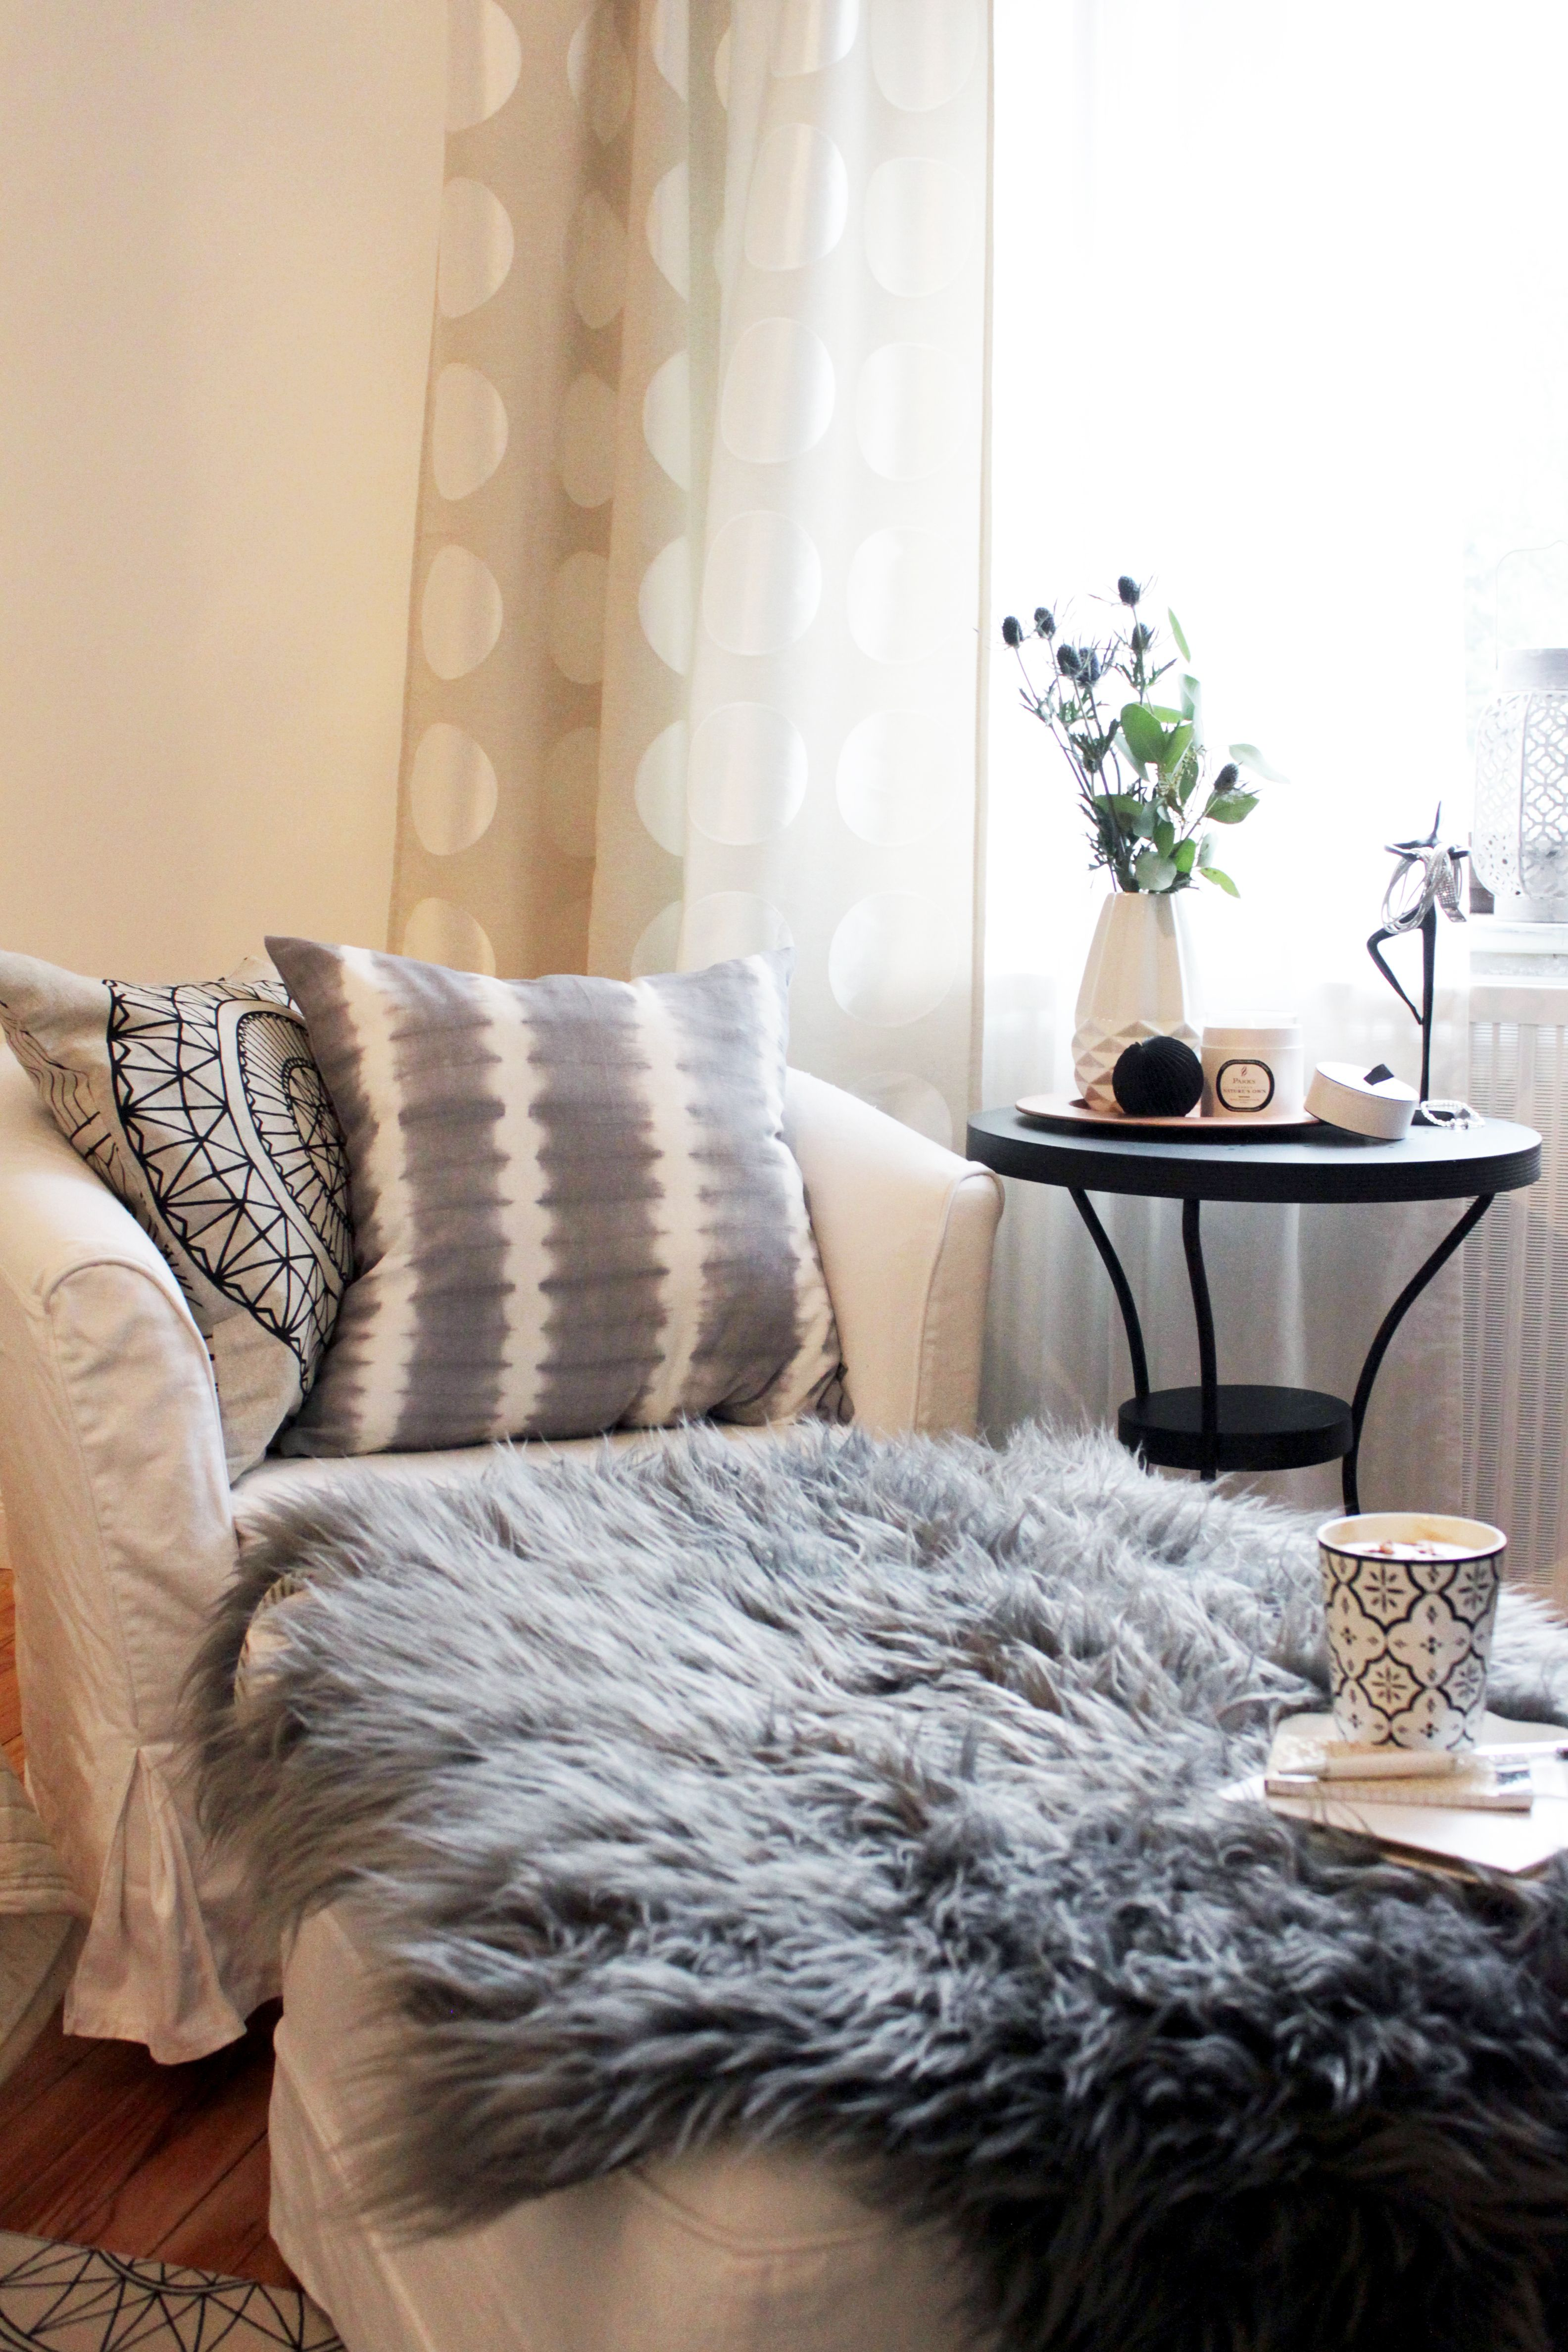 Gemütliche Leseecke Im Schlafzimmern Im Boho Style